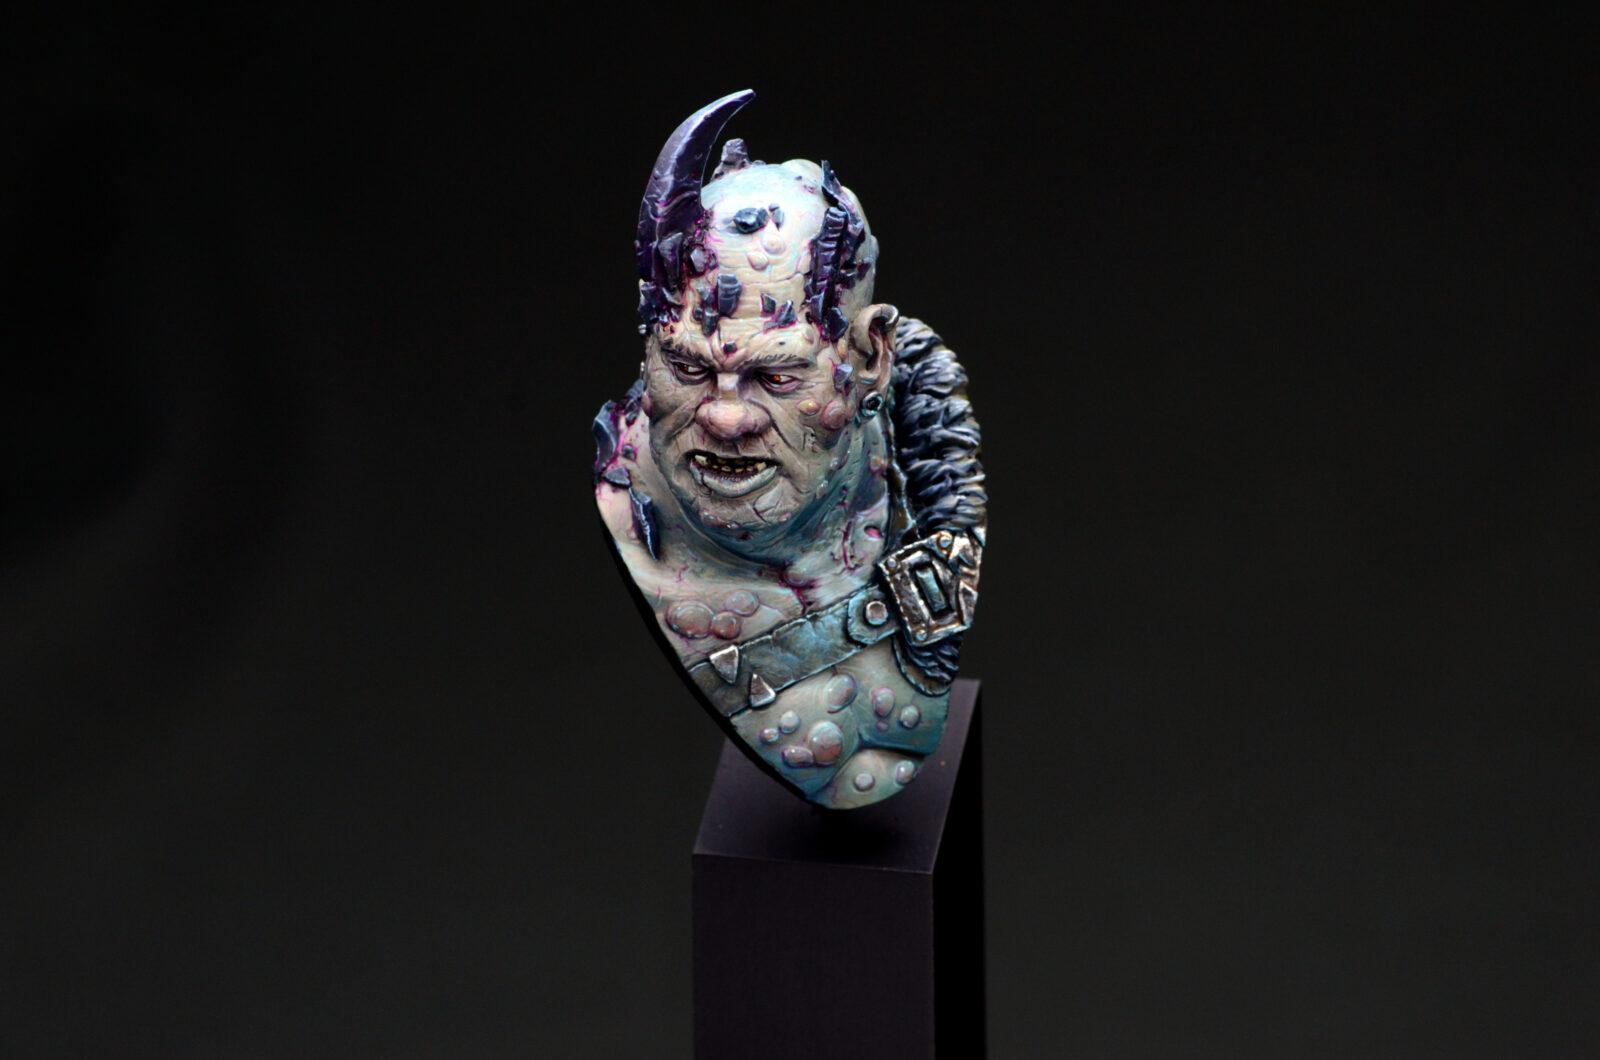 Chaos Ogre 13